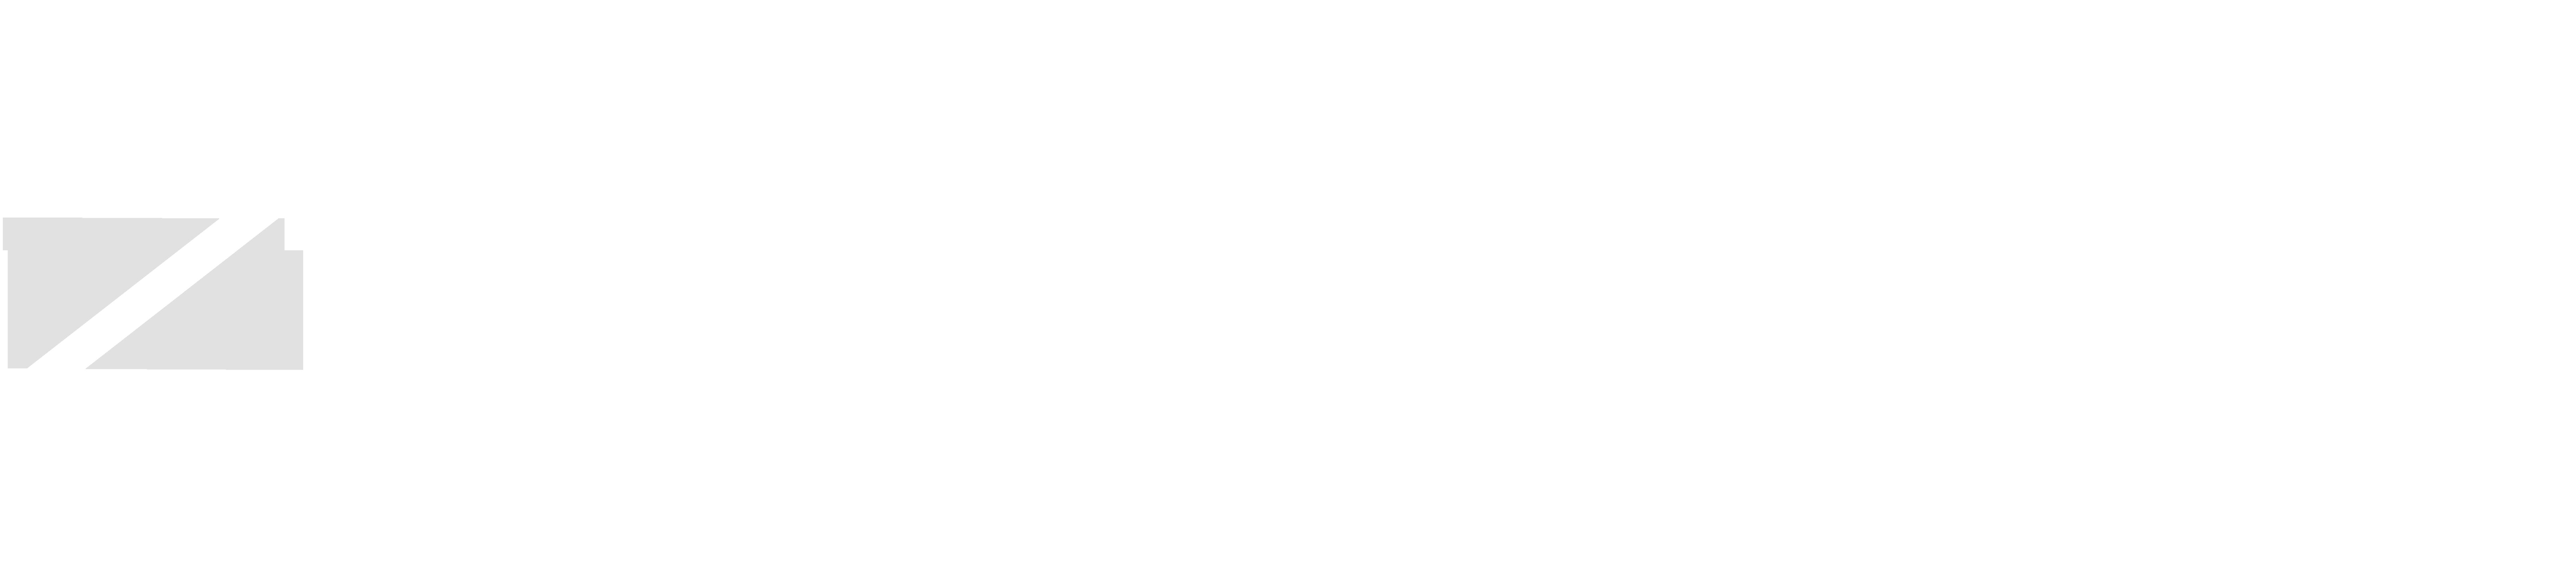 StoneWall Logo - White-1